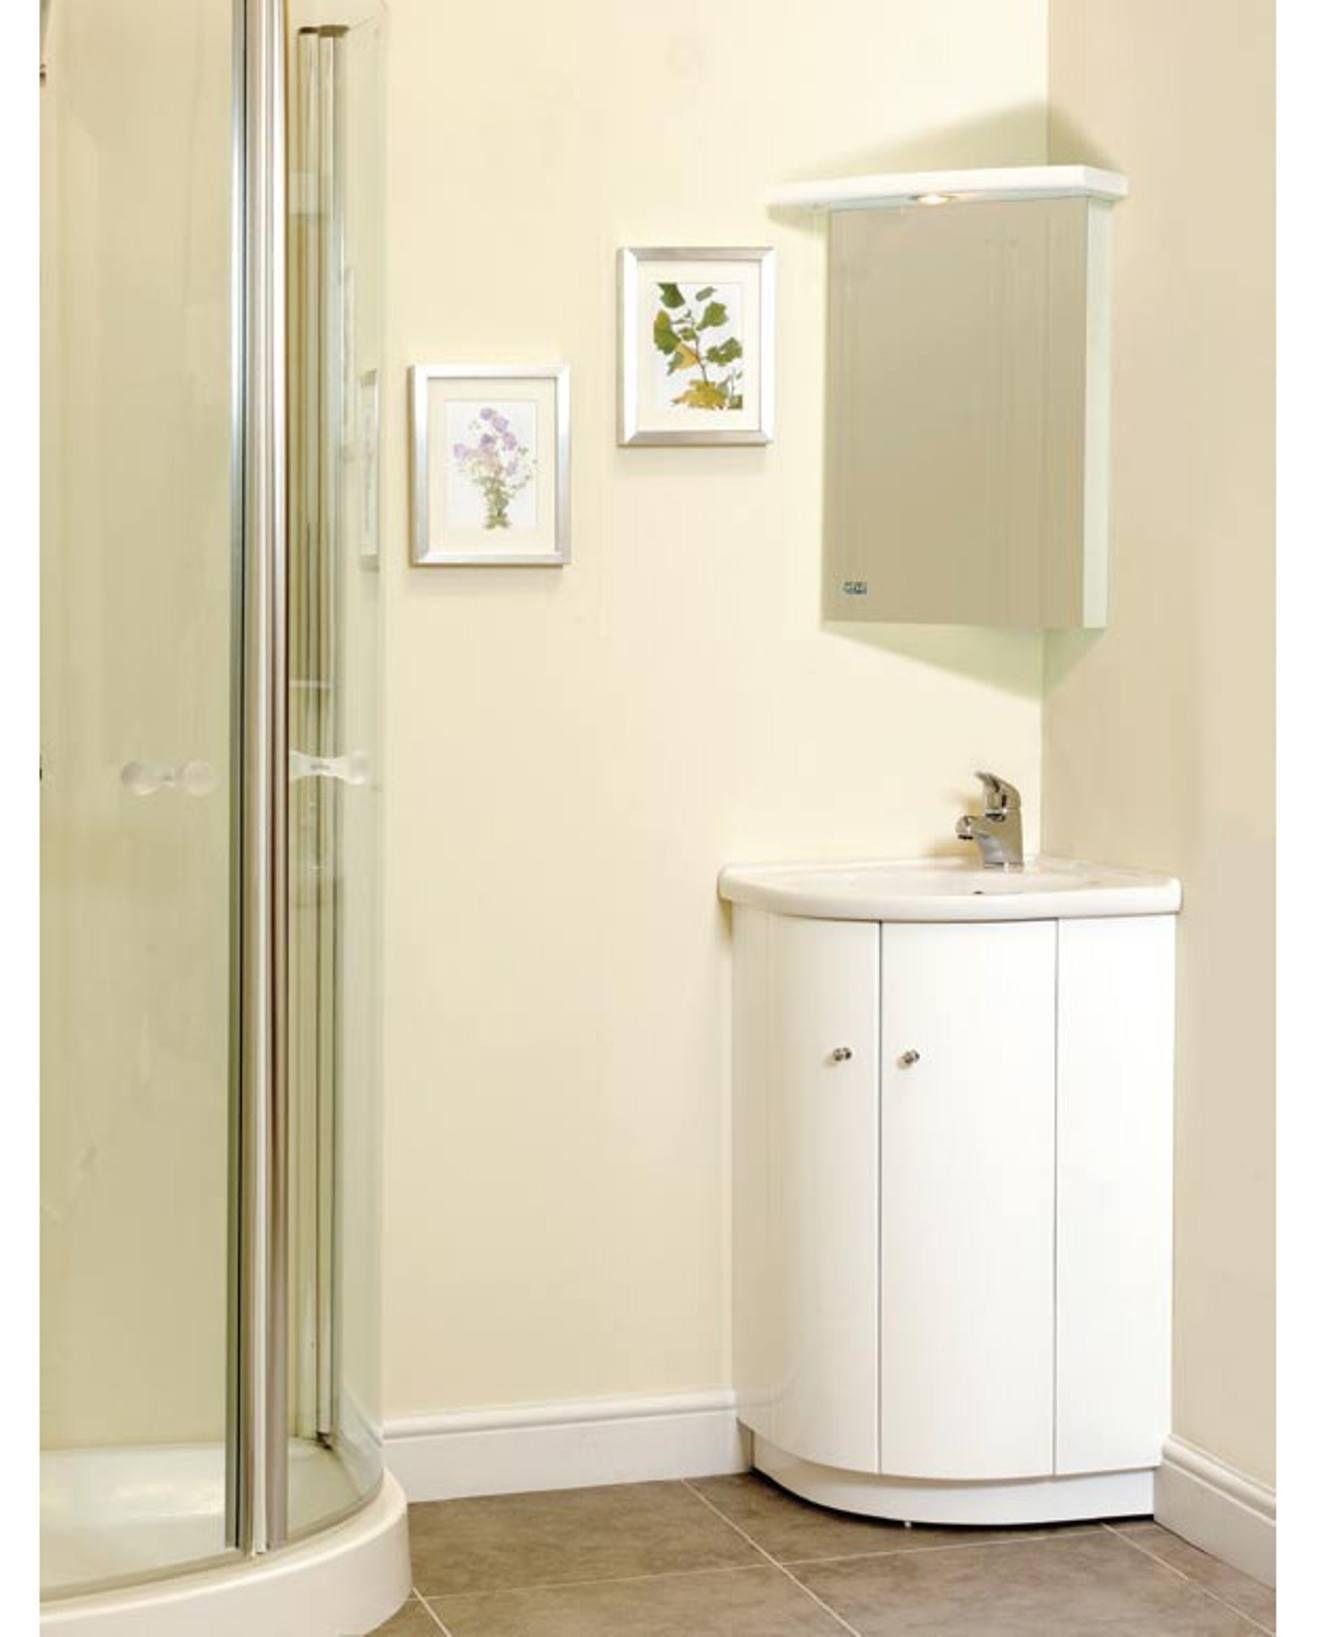 Bad Mobel Eck Einheiten Mit Bildern Diy Badezimmerspiegel